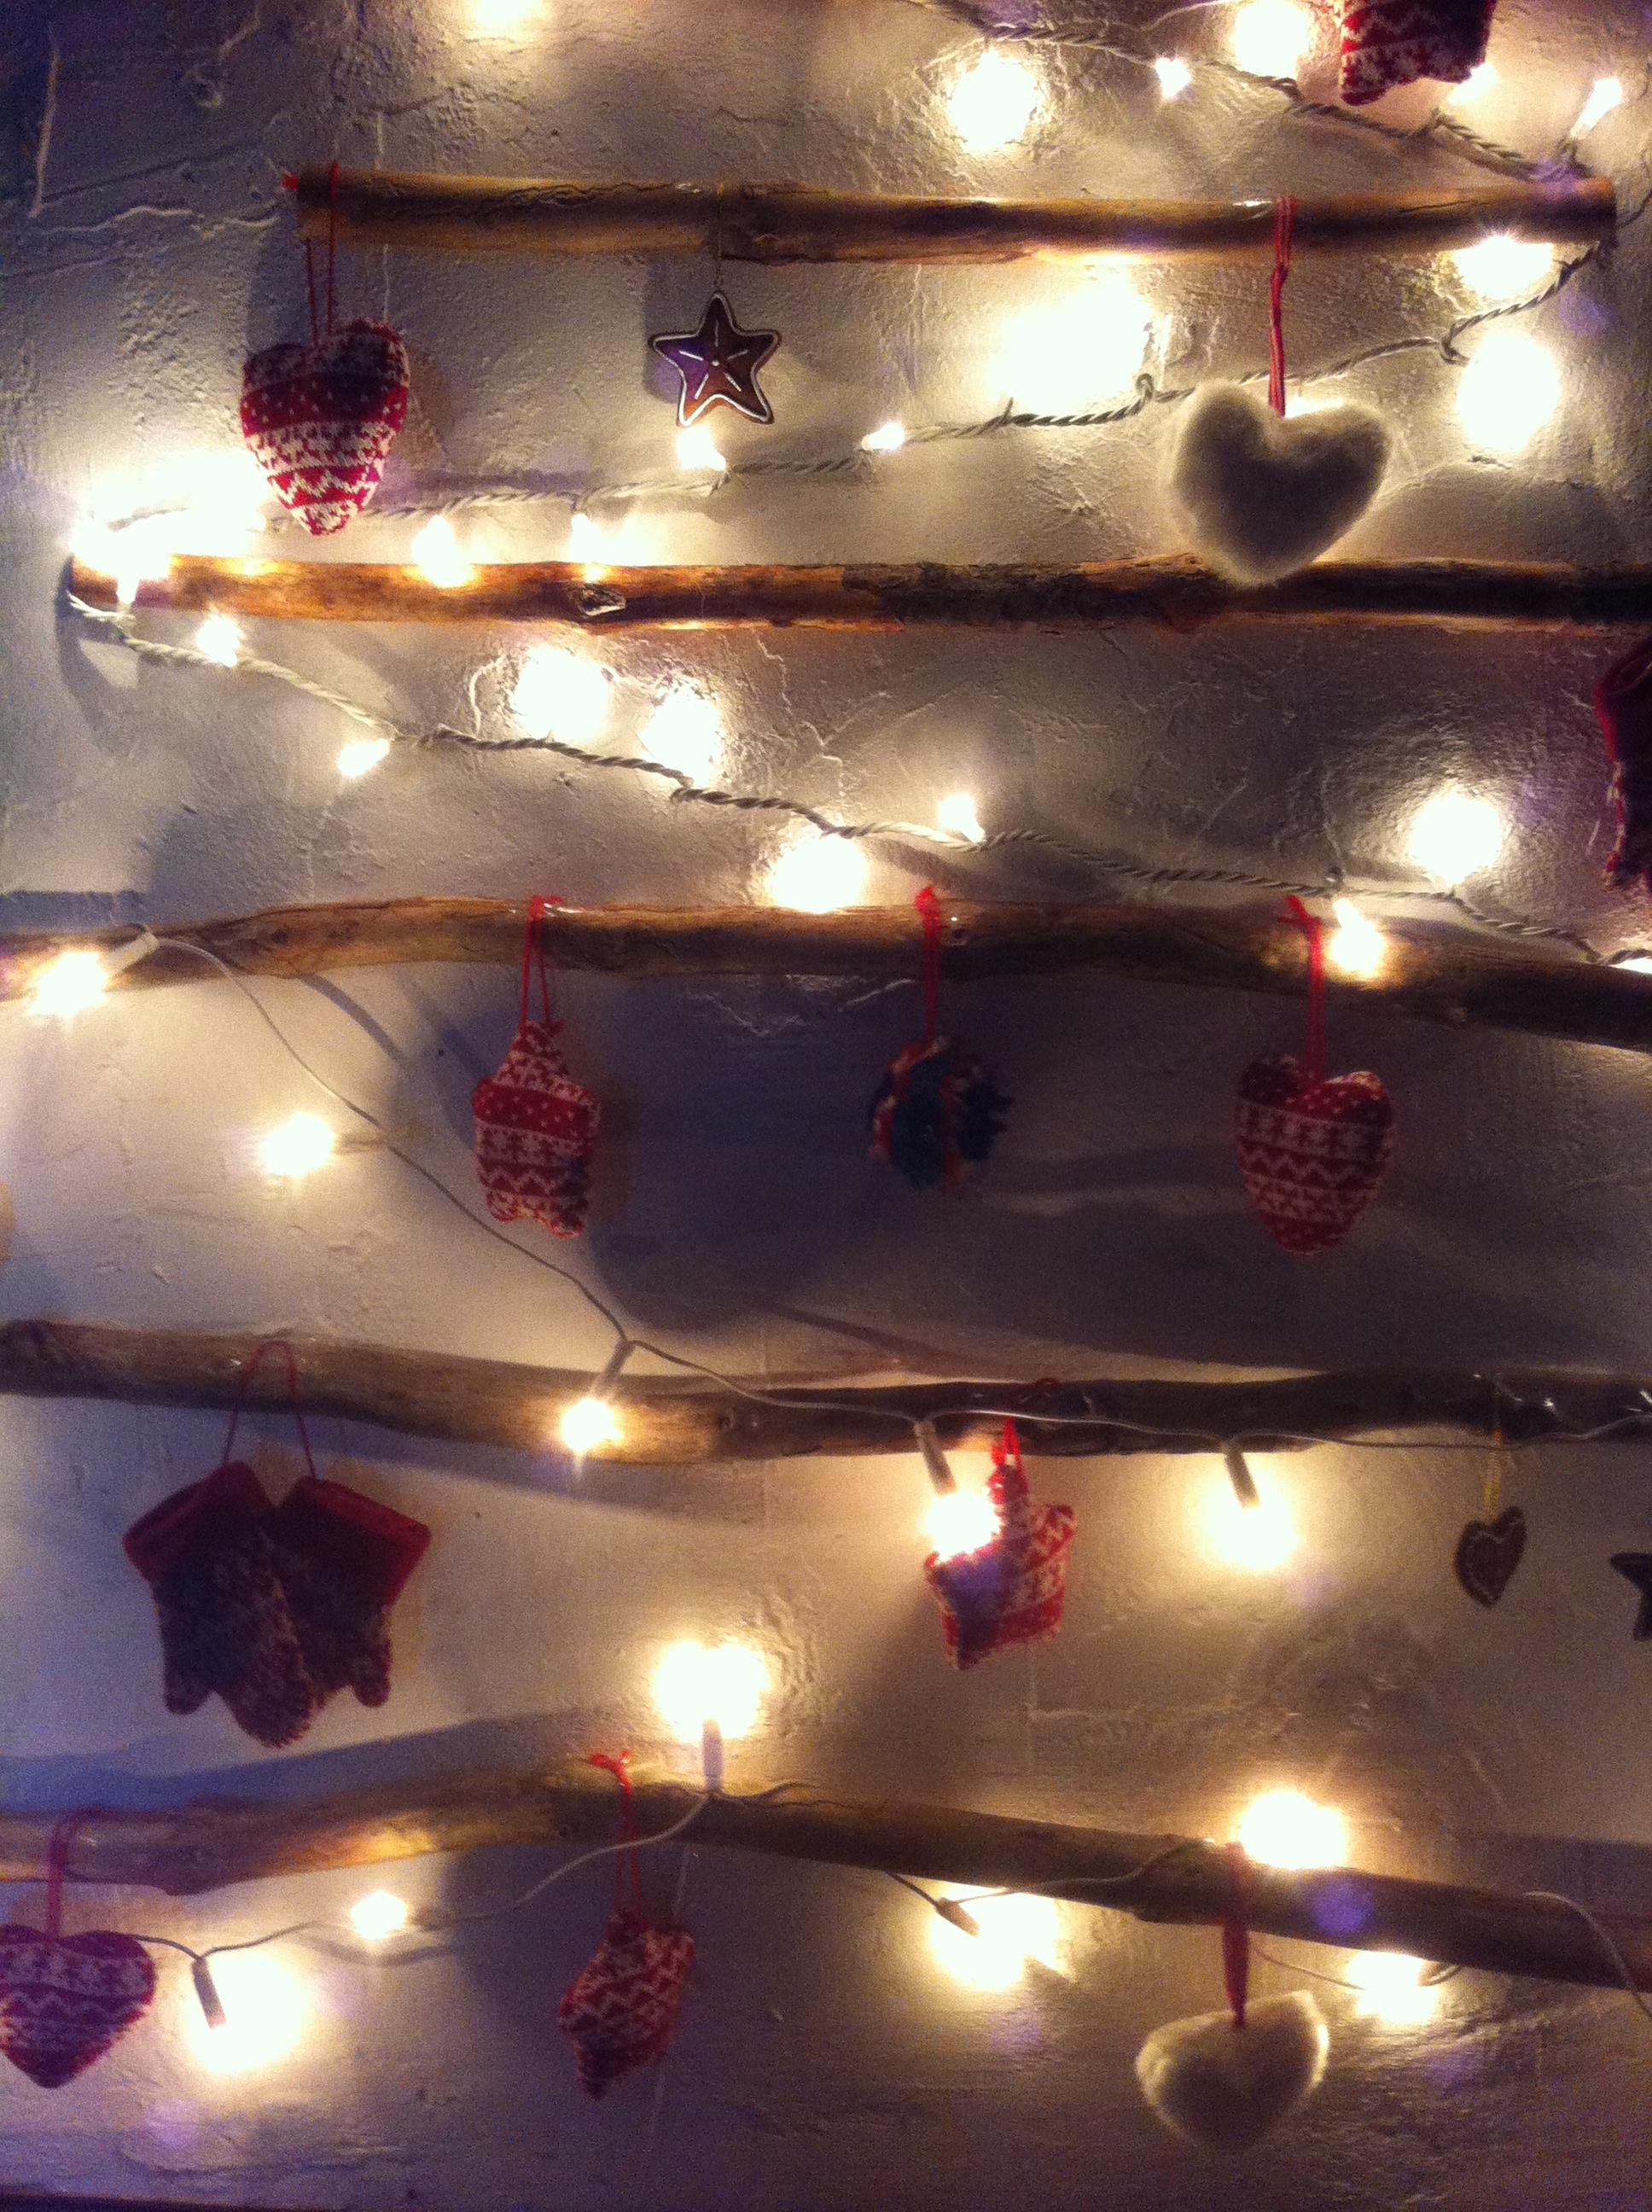 Oui Oui-arbol navidad ramas-troncos-DIY-arbol navidad diferente (5)